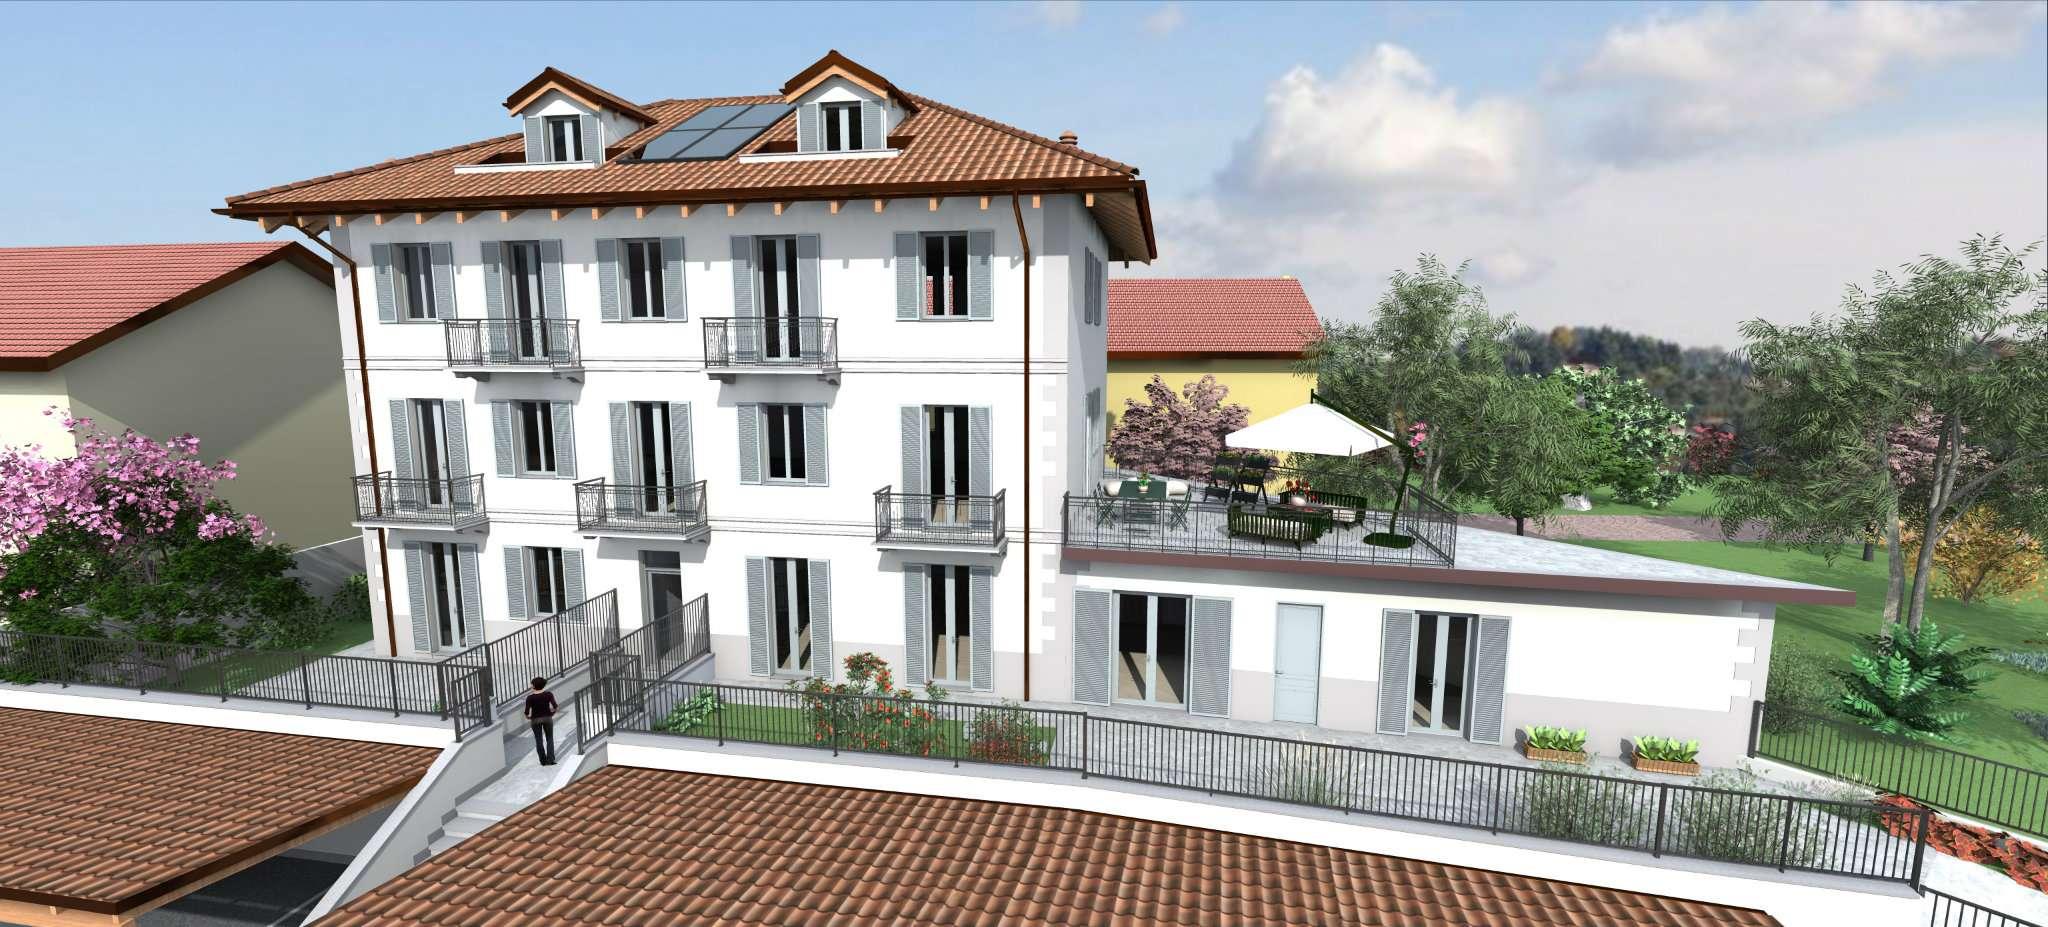 Appartamento in vendita a Moncalieri, 4 locali, prezzo € 340.000 | PortaleAgenzieImmobiliari.it